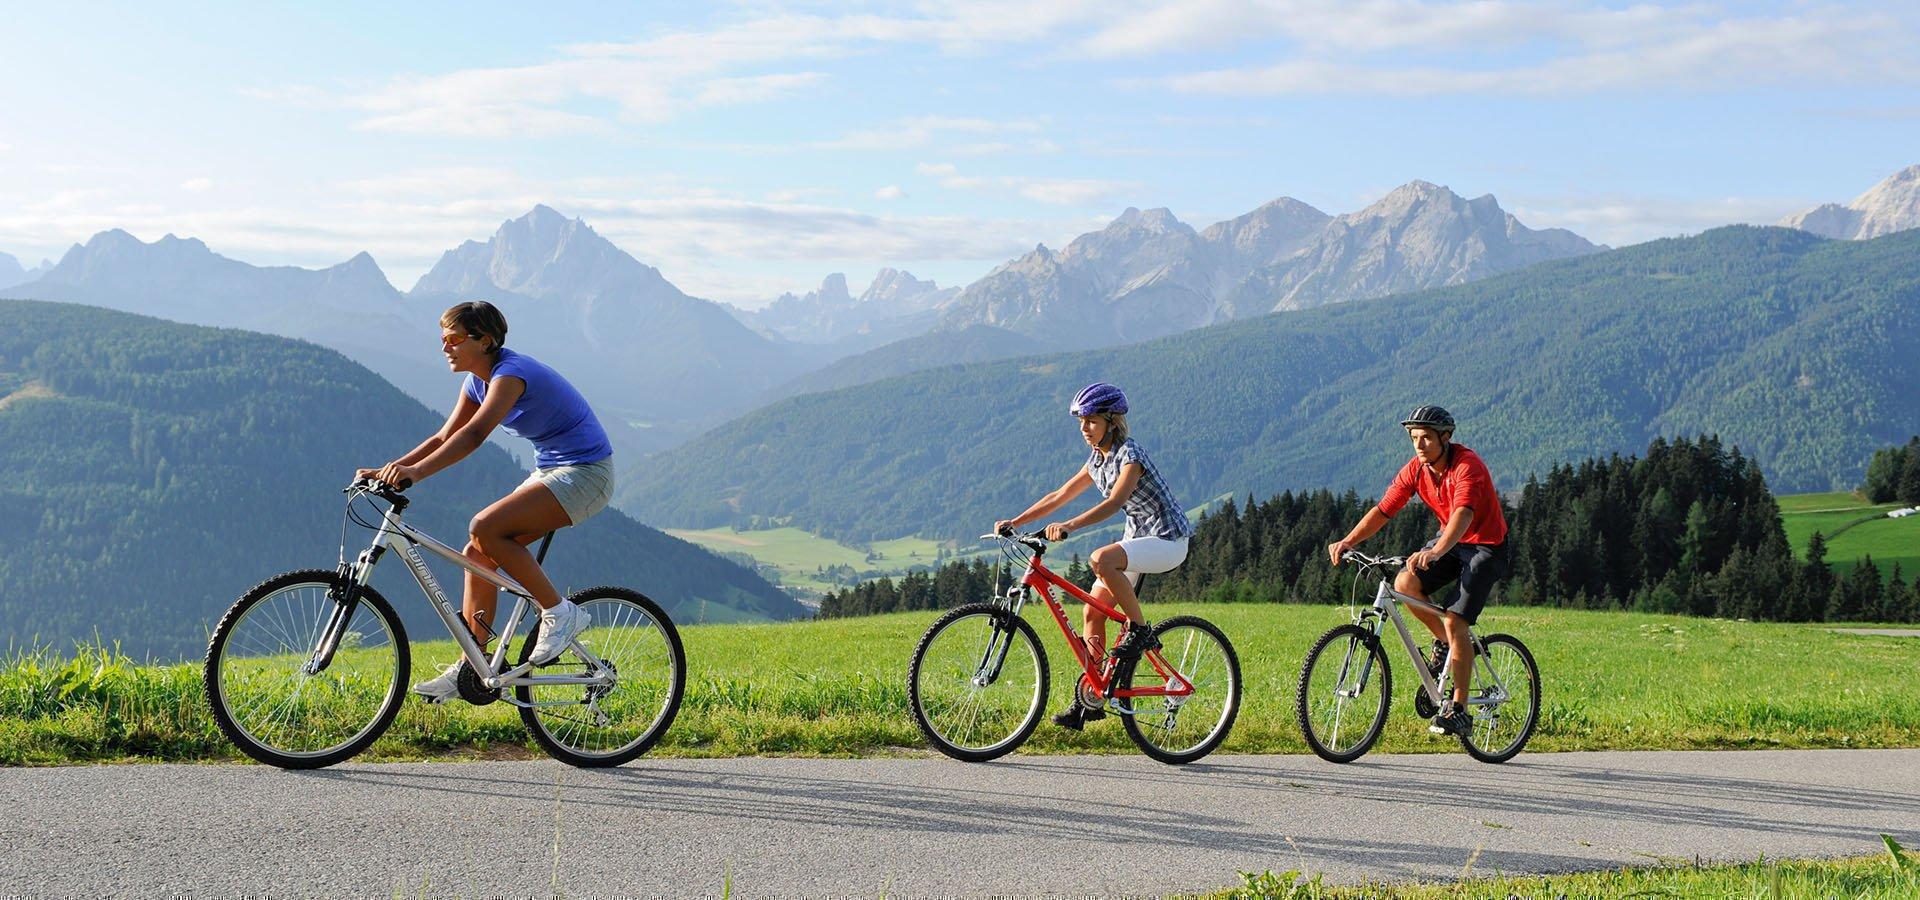 Erlebnissommer im Pustertal - Urlaub am Fuchshof in den Dolomiten